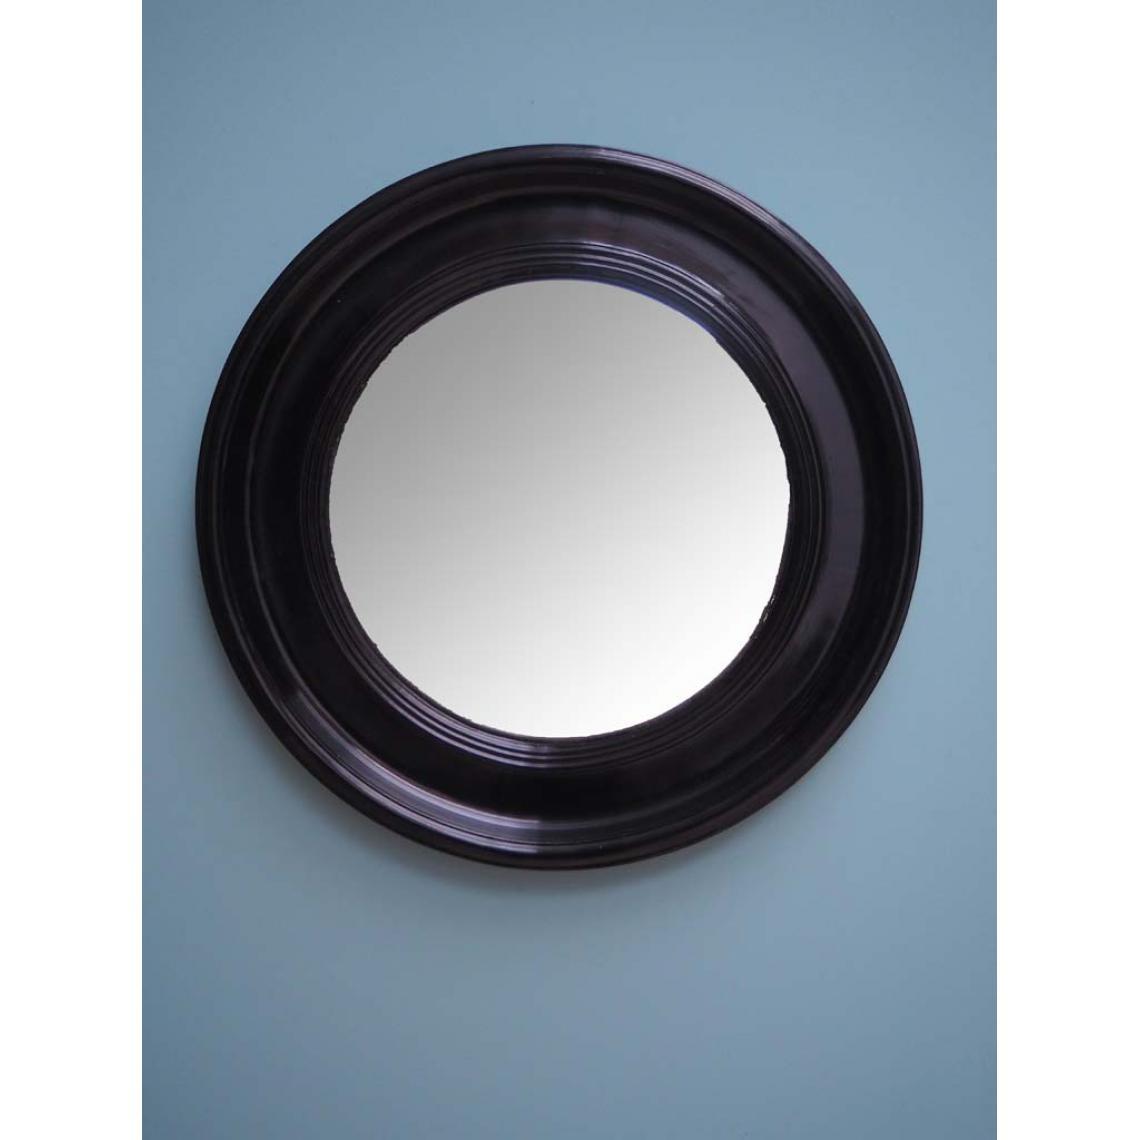 Miroir rond laqué noir HOCE Tgf6o